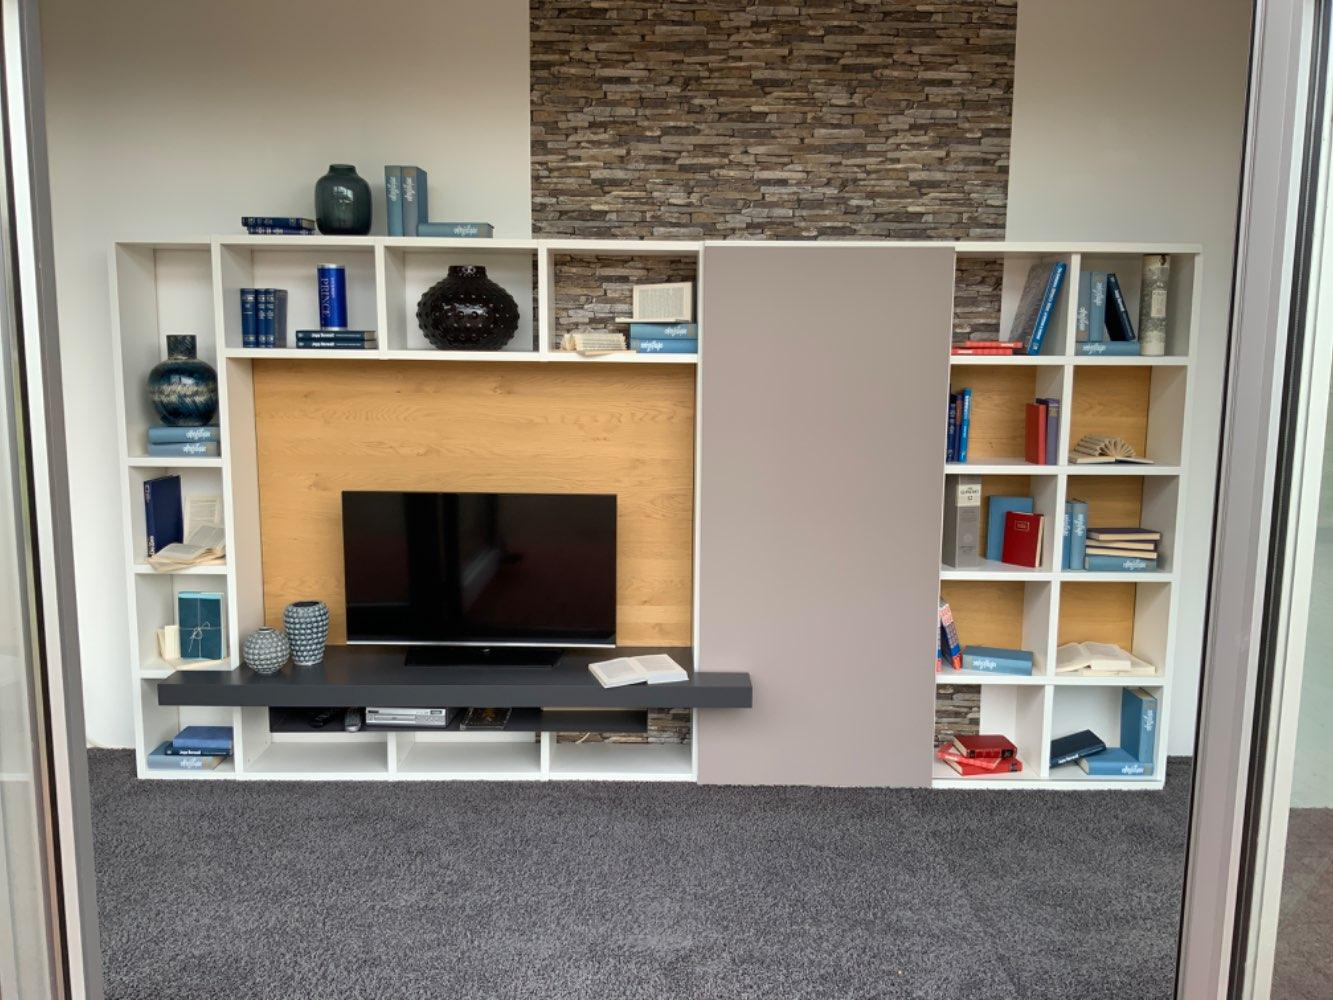 Wohnwand mit Fernsehfach, Schiebetür und viel Regal fläche in weiß Lack Wildeiche und grau ...